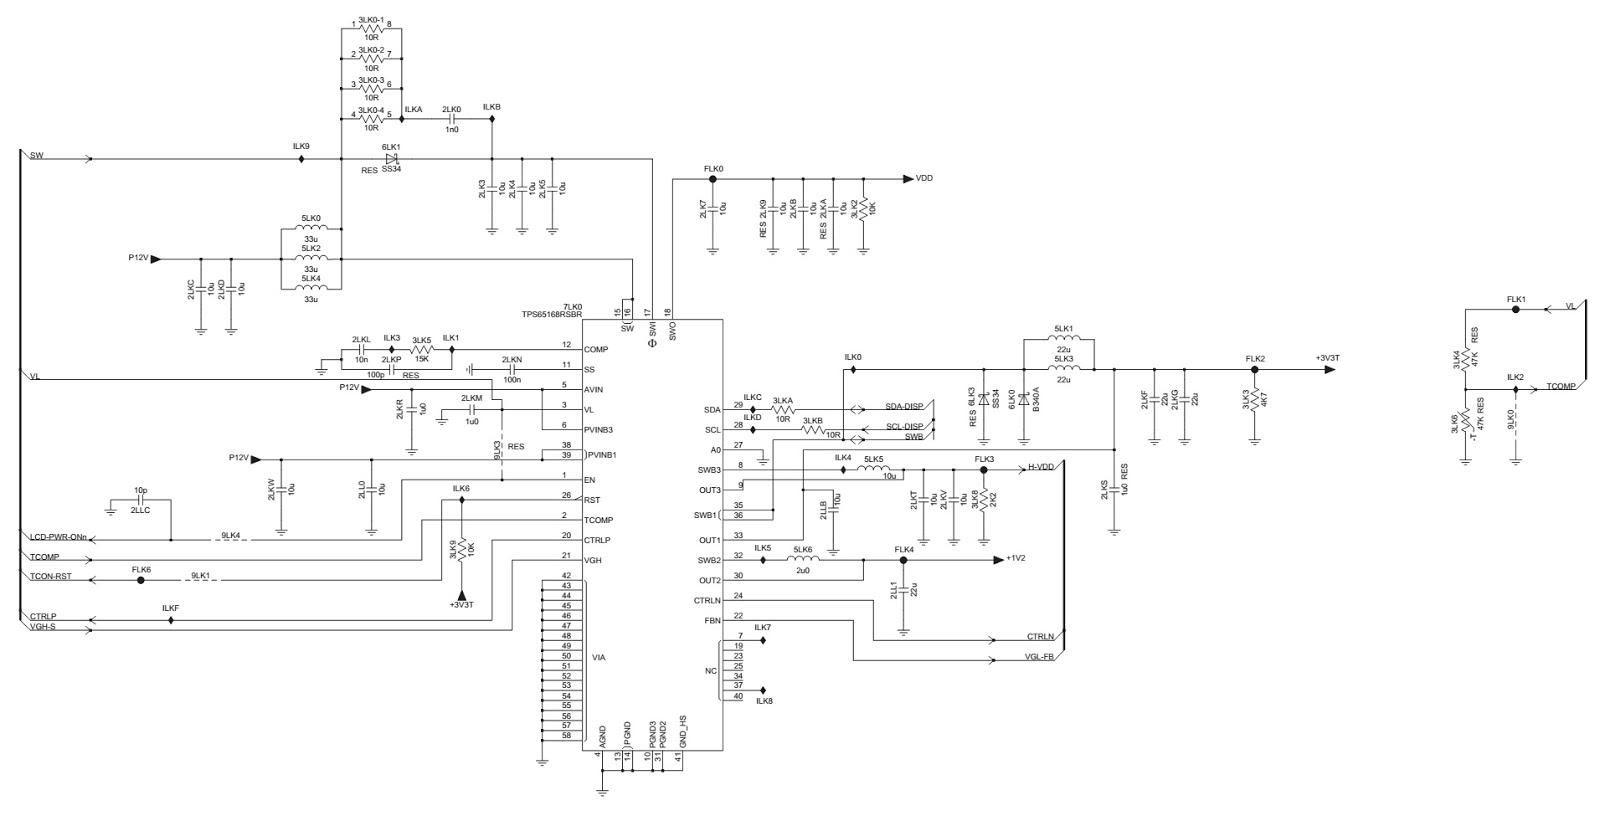 T Con Circuit Diagram - Data Wiring Diagram